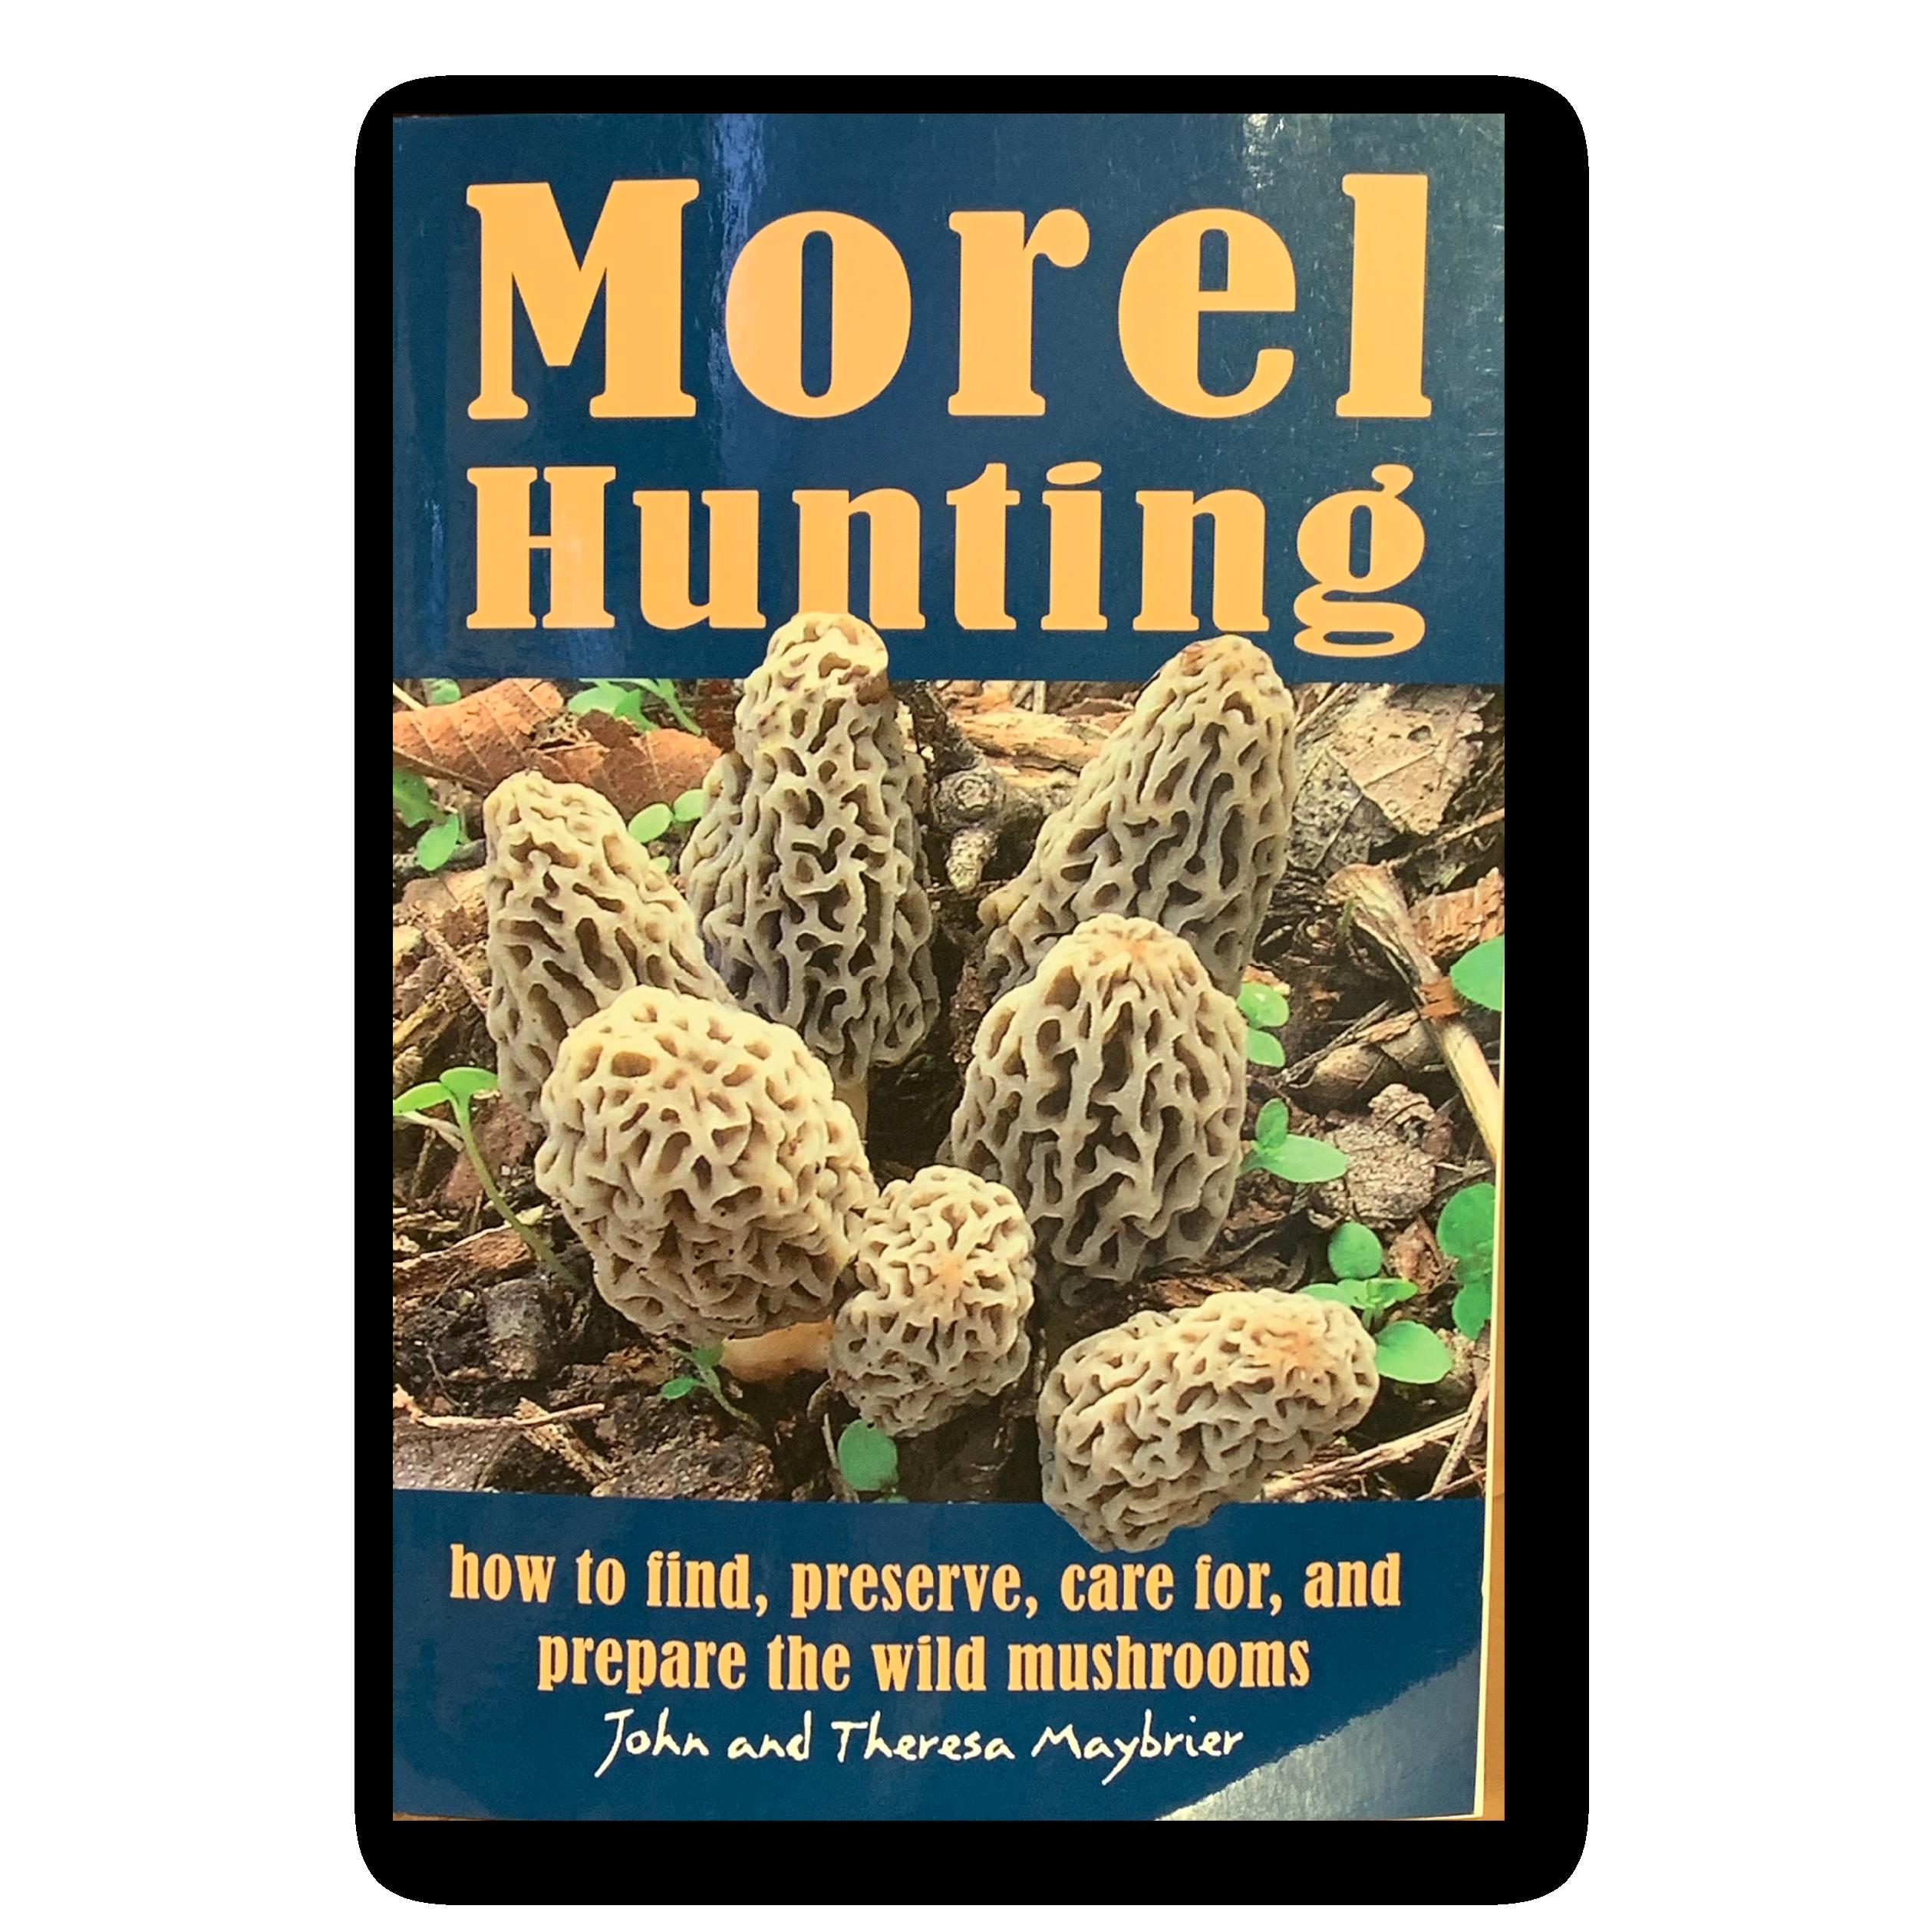 Morels in Michigan